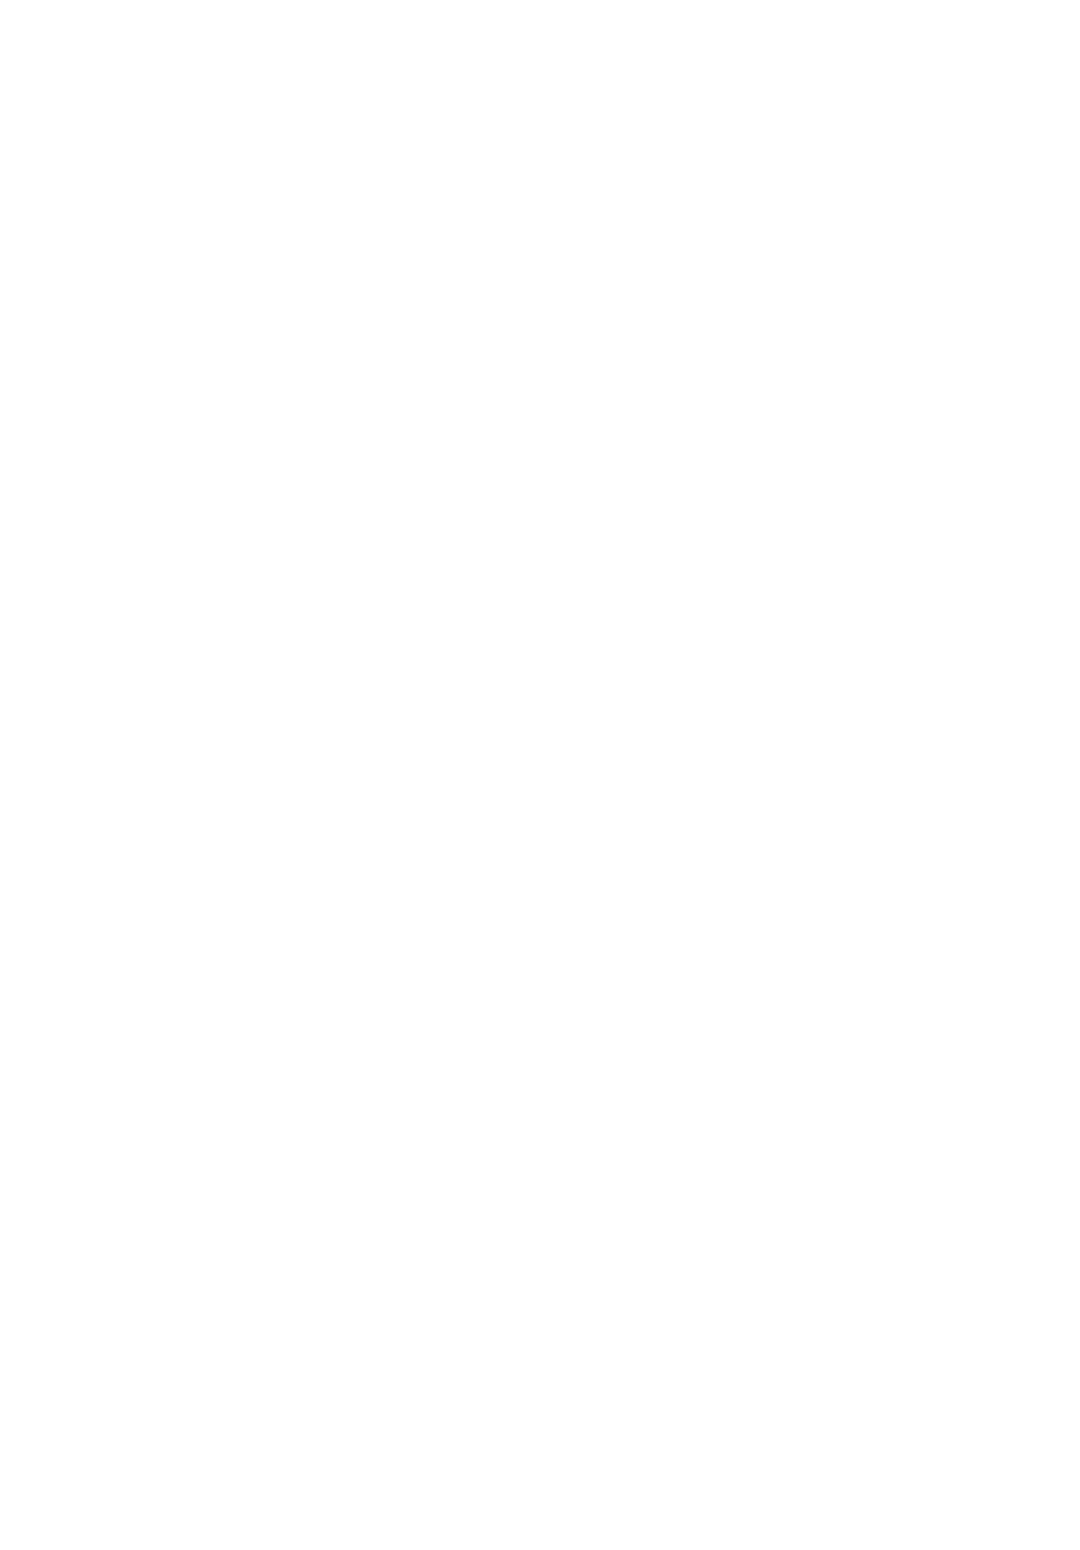 【エロ同人誌】人里離れた山奥に佇む館に監禁される奴隷少女達…拘束されてある時は男達の肉便器に、ある時は三角木馬に乗せられ奴隷の扱いを受ける!【にゃんにゃん大行進 (なつのまぐろ):少女奴隷倶楽部 第二幕】